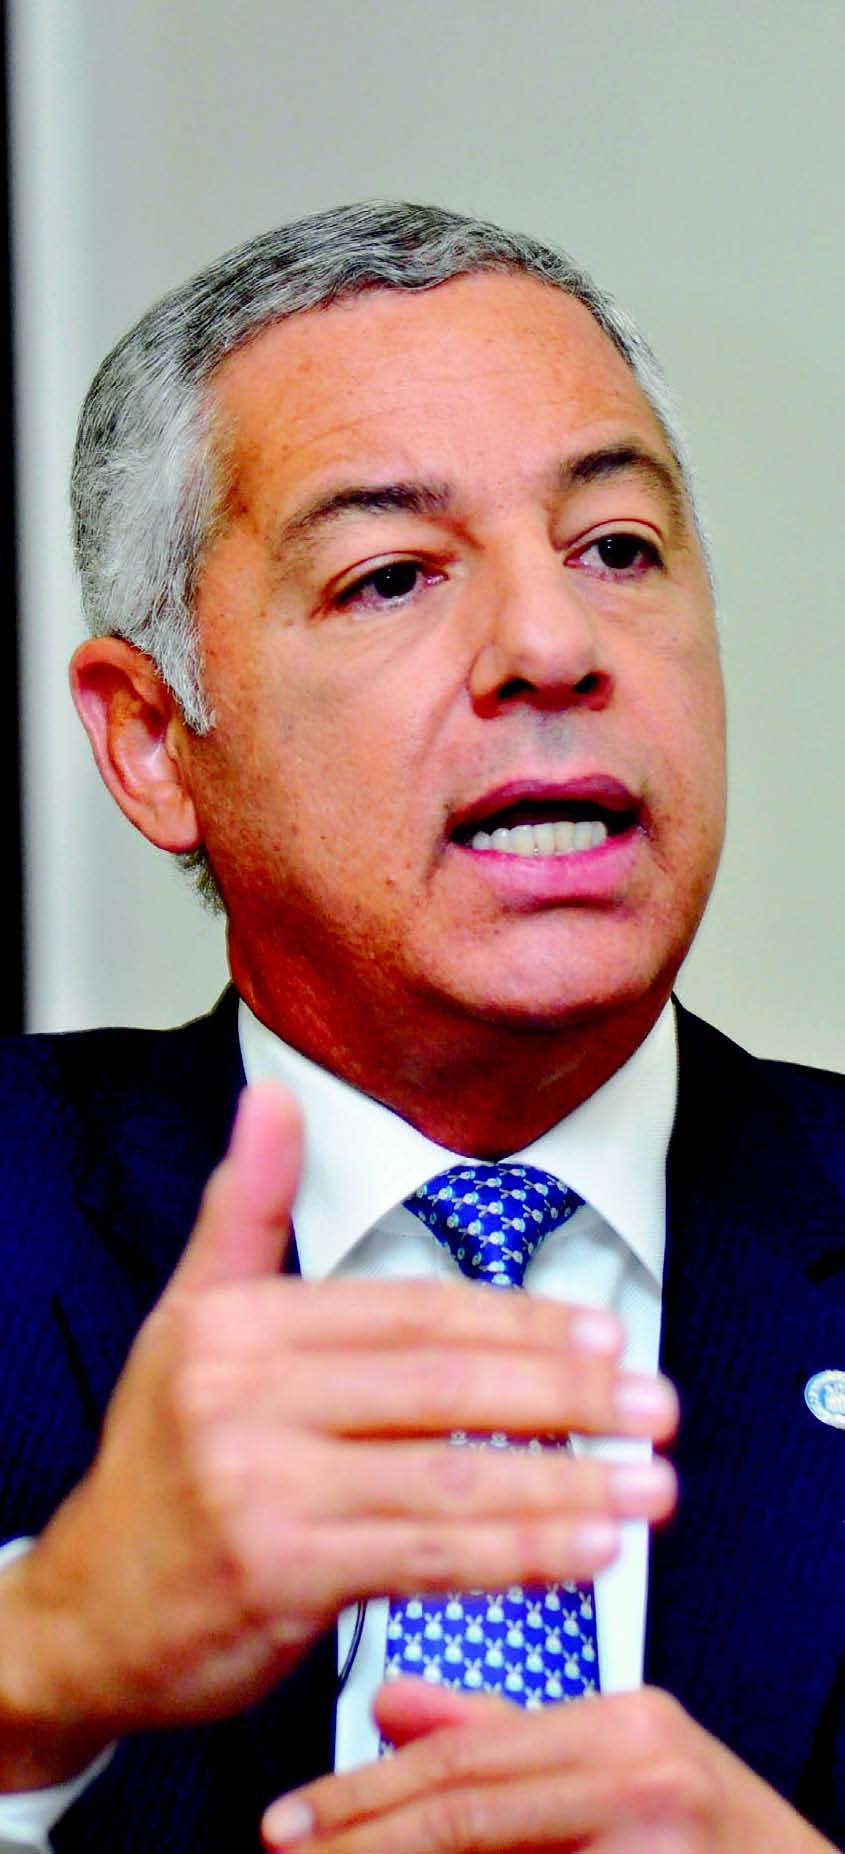 Donald Guerrero, ministro de Hacienda, defendió planes sociales del Gobierno para reducir pobreza